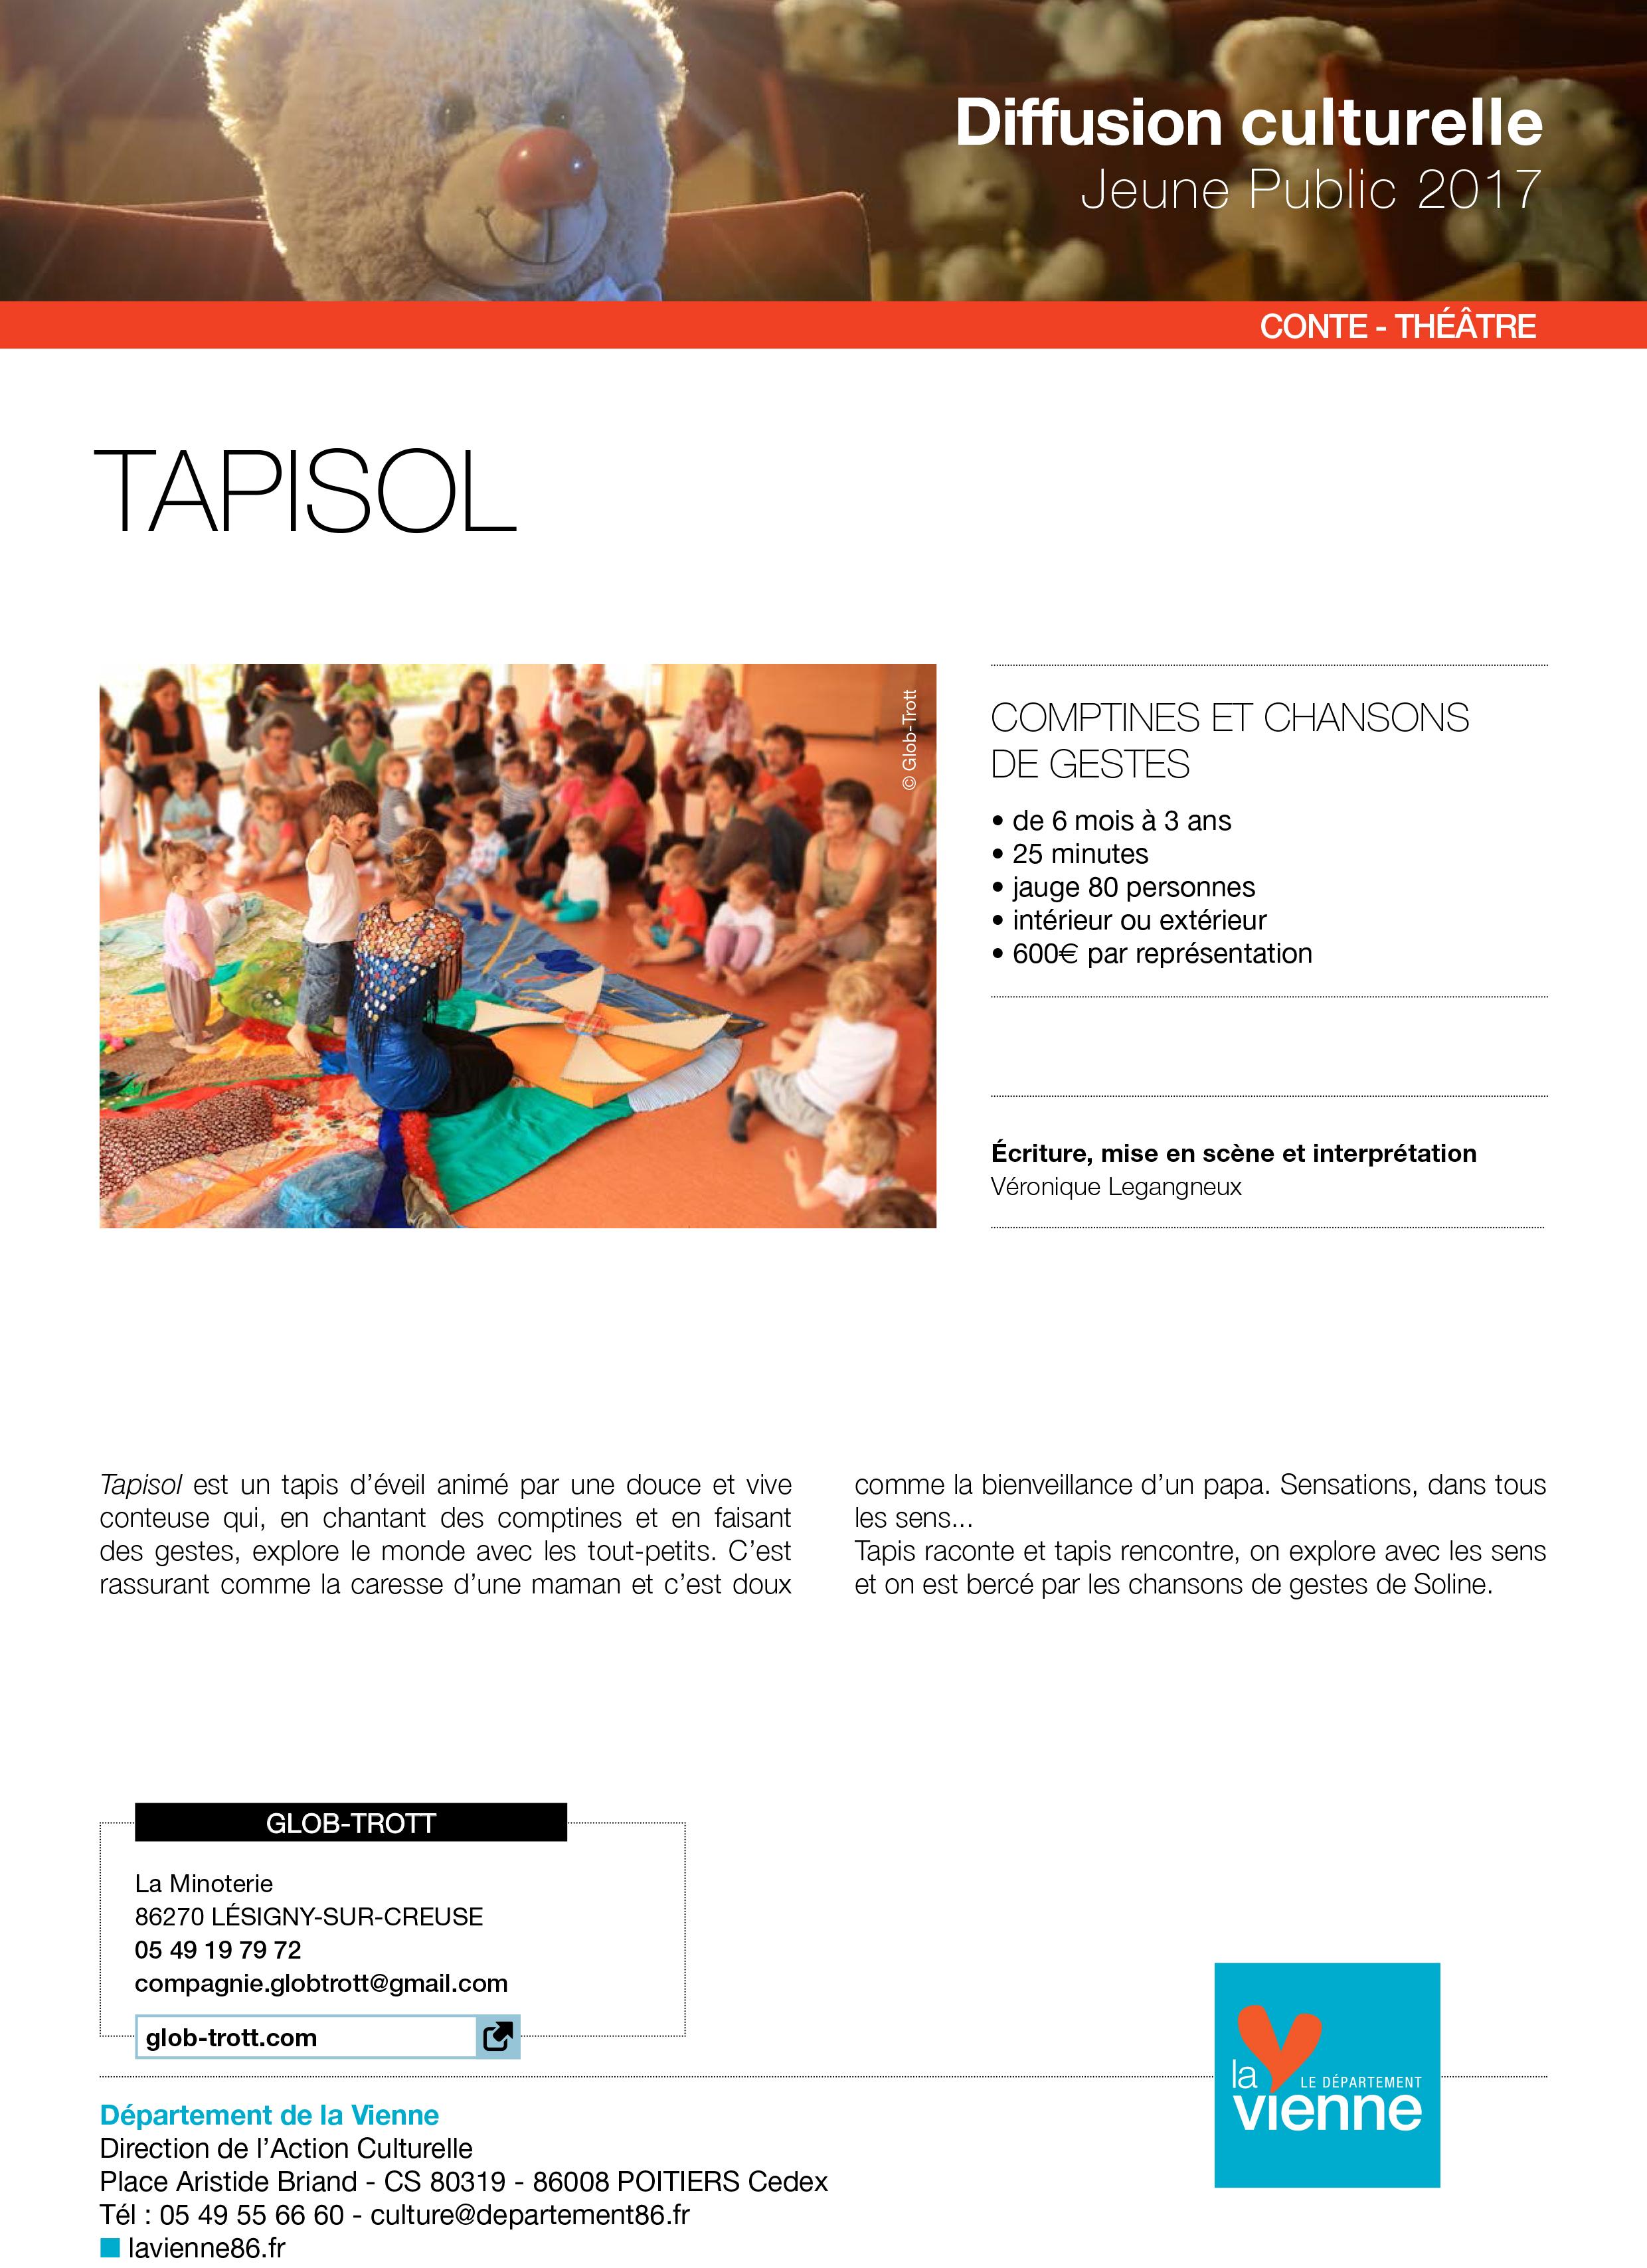 TAPISOL